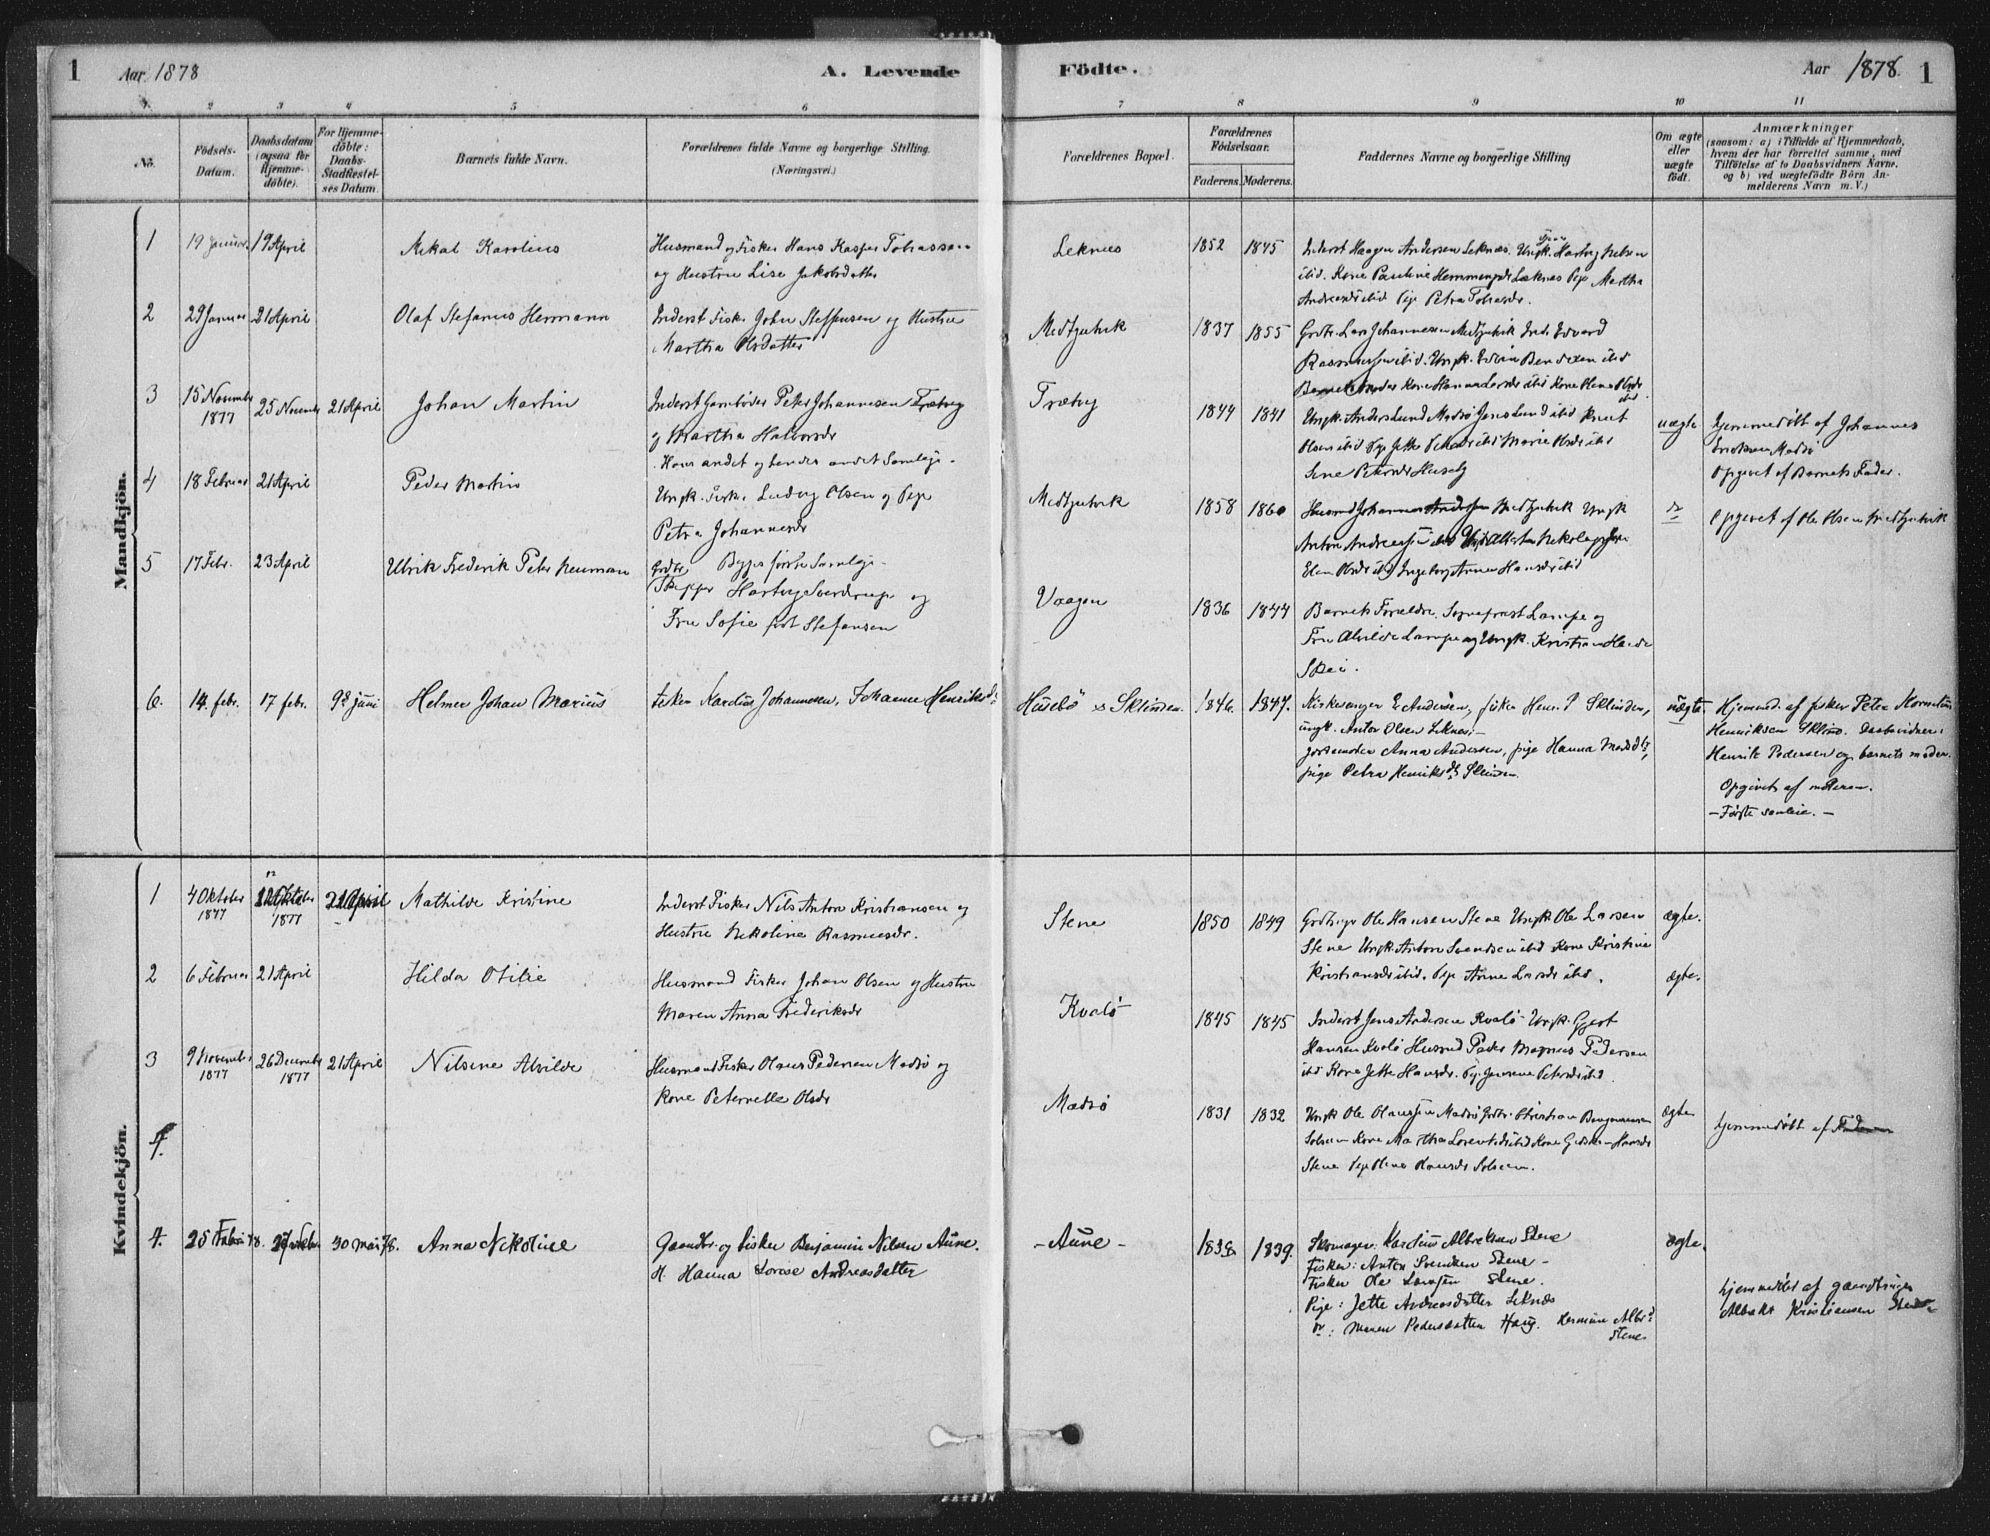 SAT, Ministerialprotokoller, klokkerbøker og fødselsregistre - Nord-Trøndelag, 788/L0697: Ministerialbok nr. 788A04, 1878-1902, s. 1